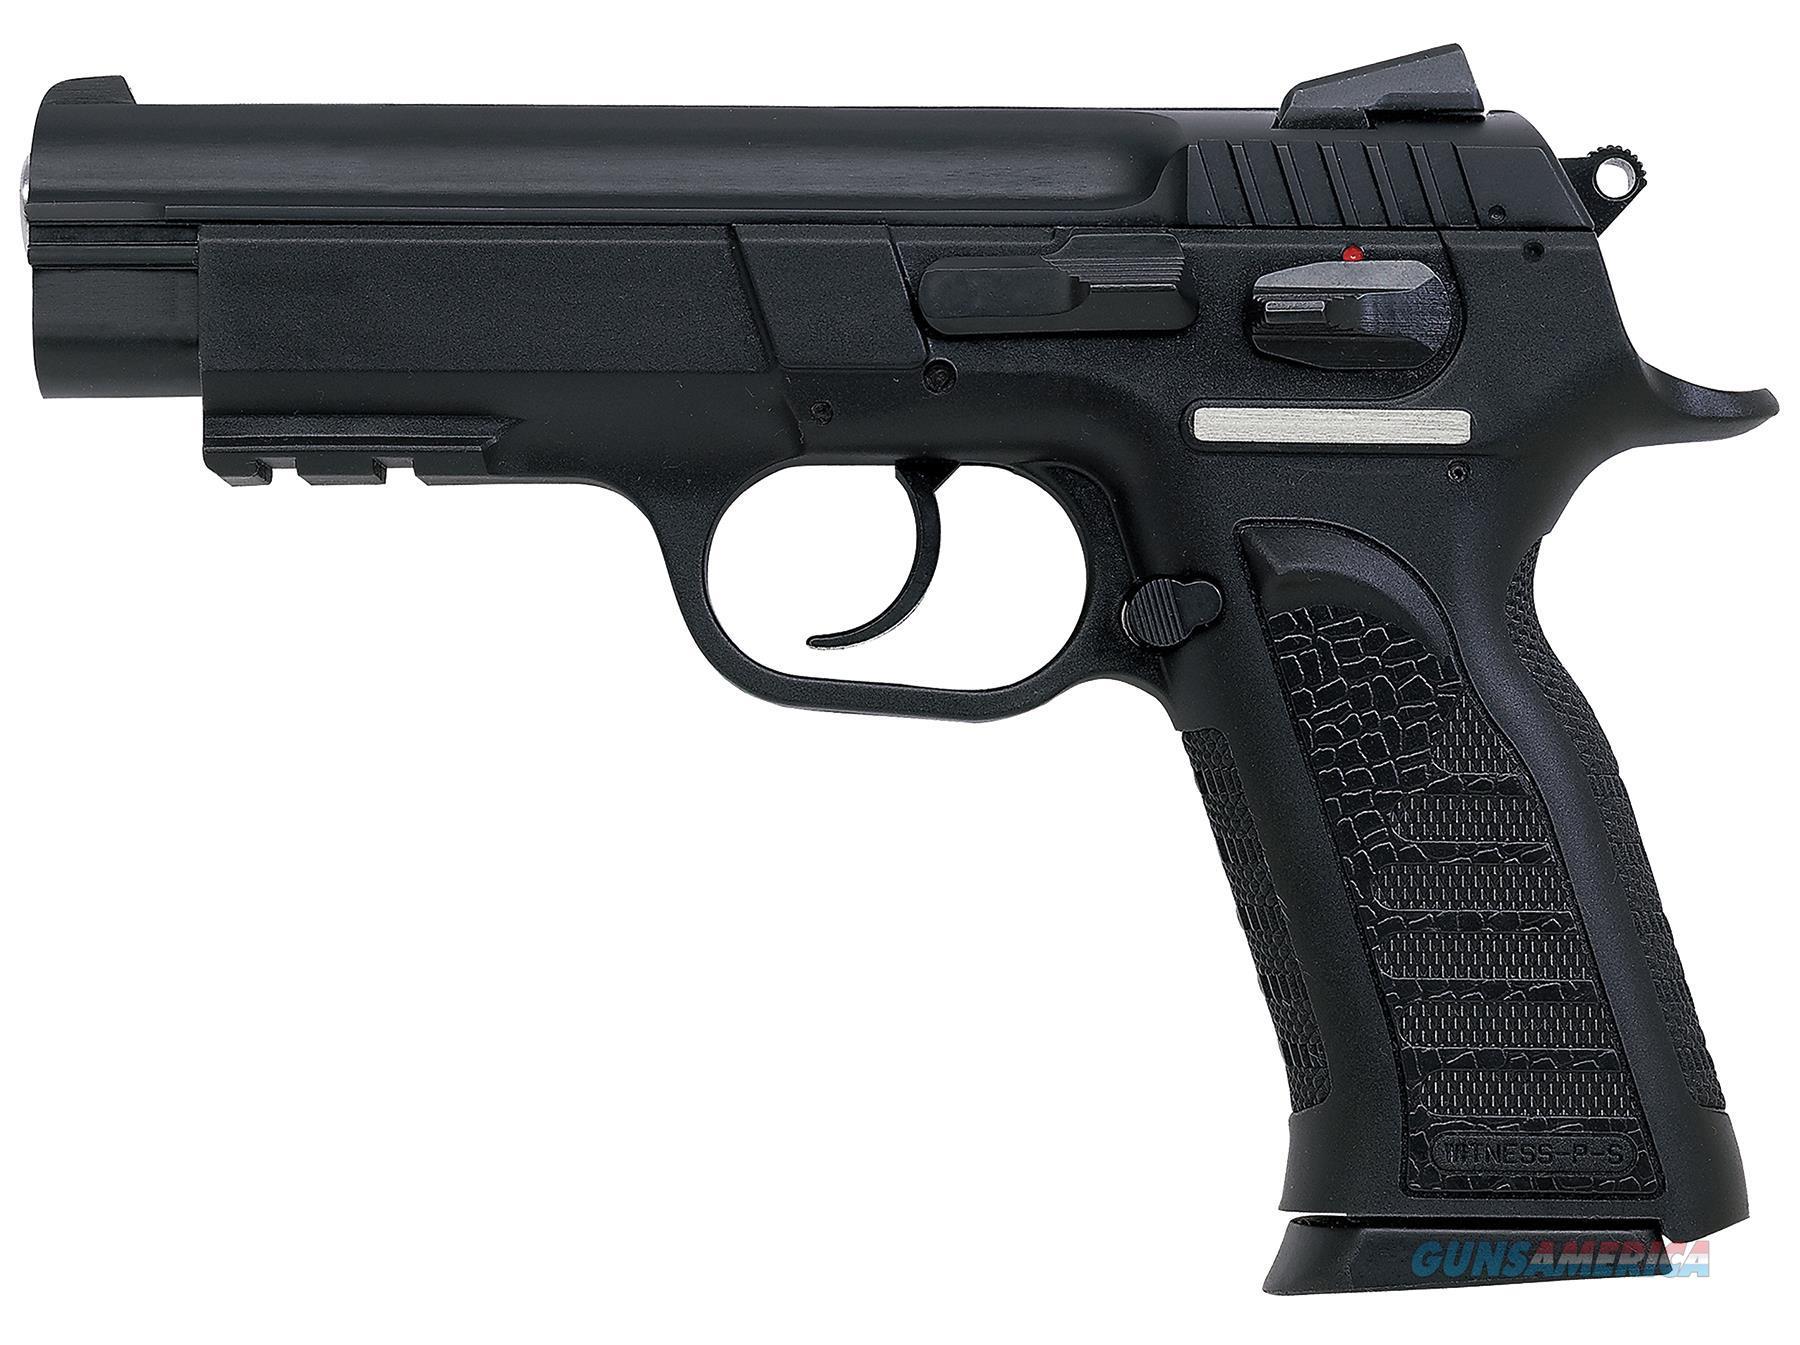 """Eaa 999104 Witness Polymer Full Size 9Mm 4.5"""" 17+1 Poly Grip/Frame Blk 999104  Guns > Pistols > E Misc Pistols"""